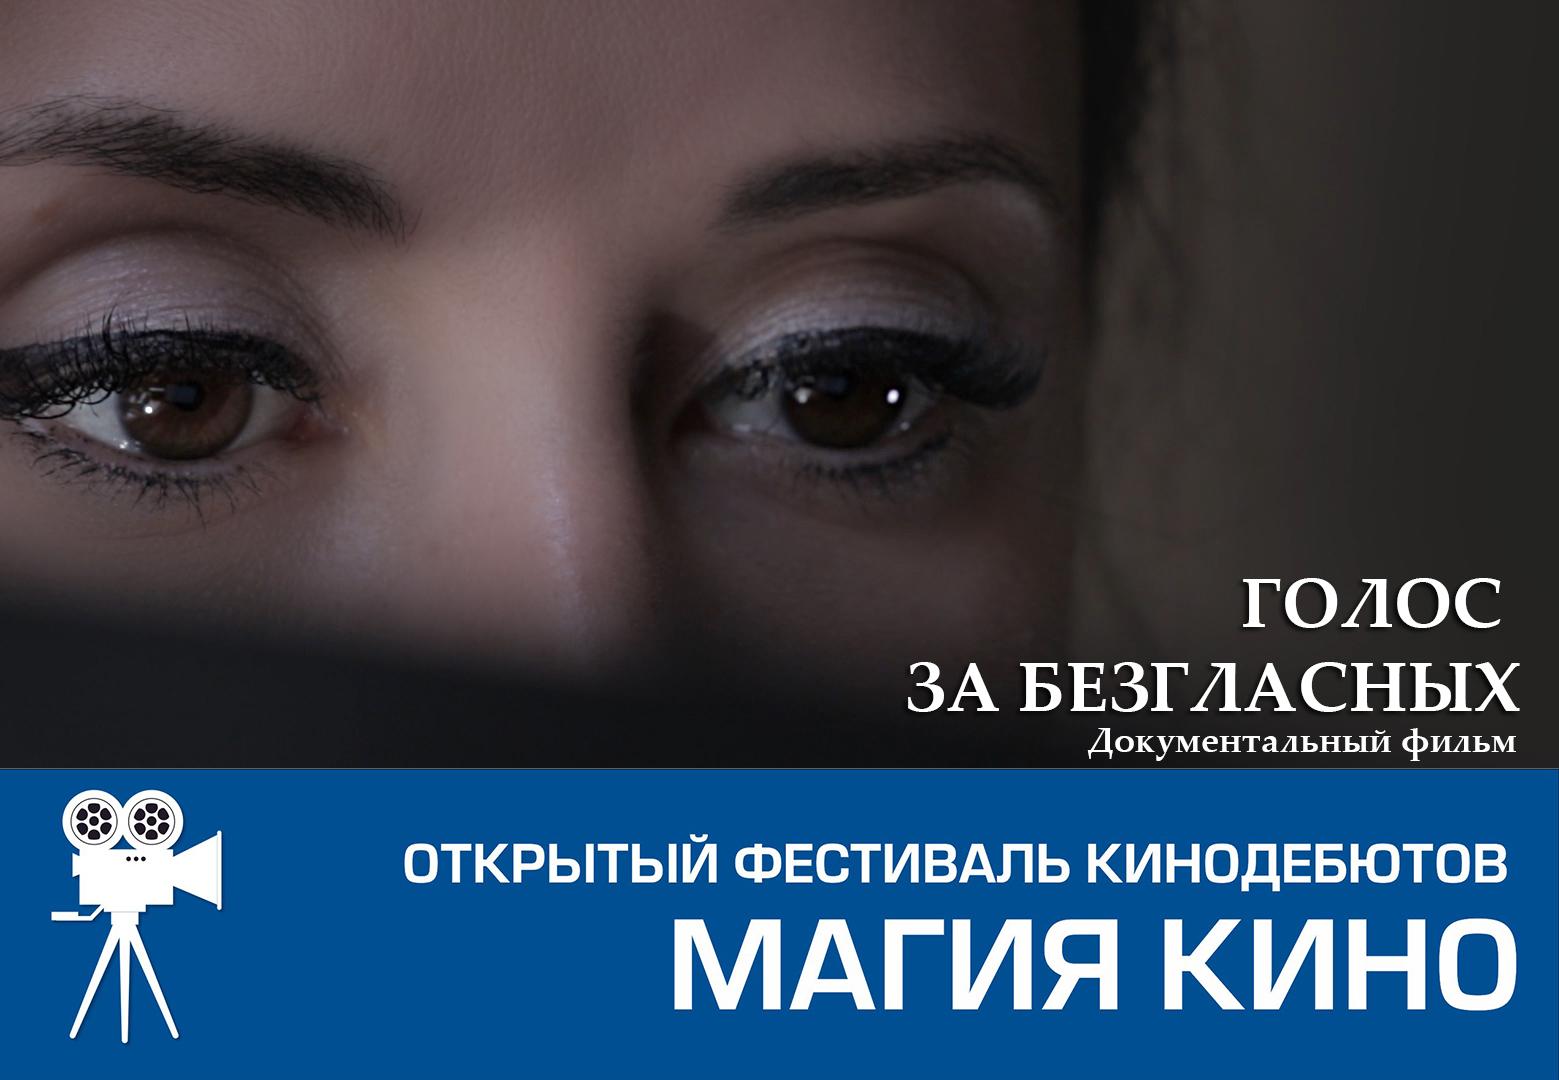 Фильм «Голос за безгласных» стал финалистом конкурса «Магия кино»